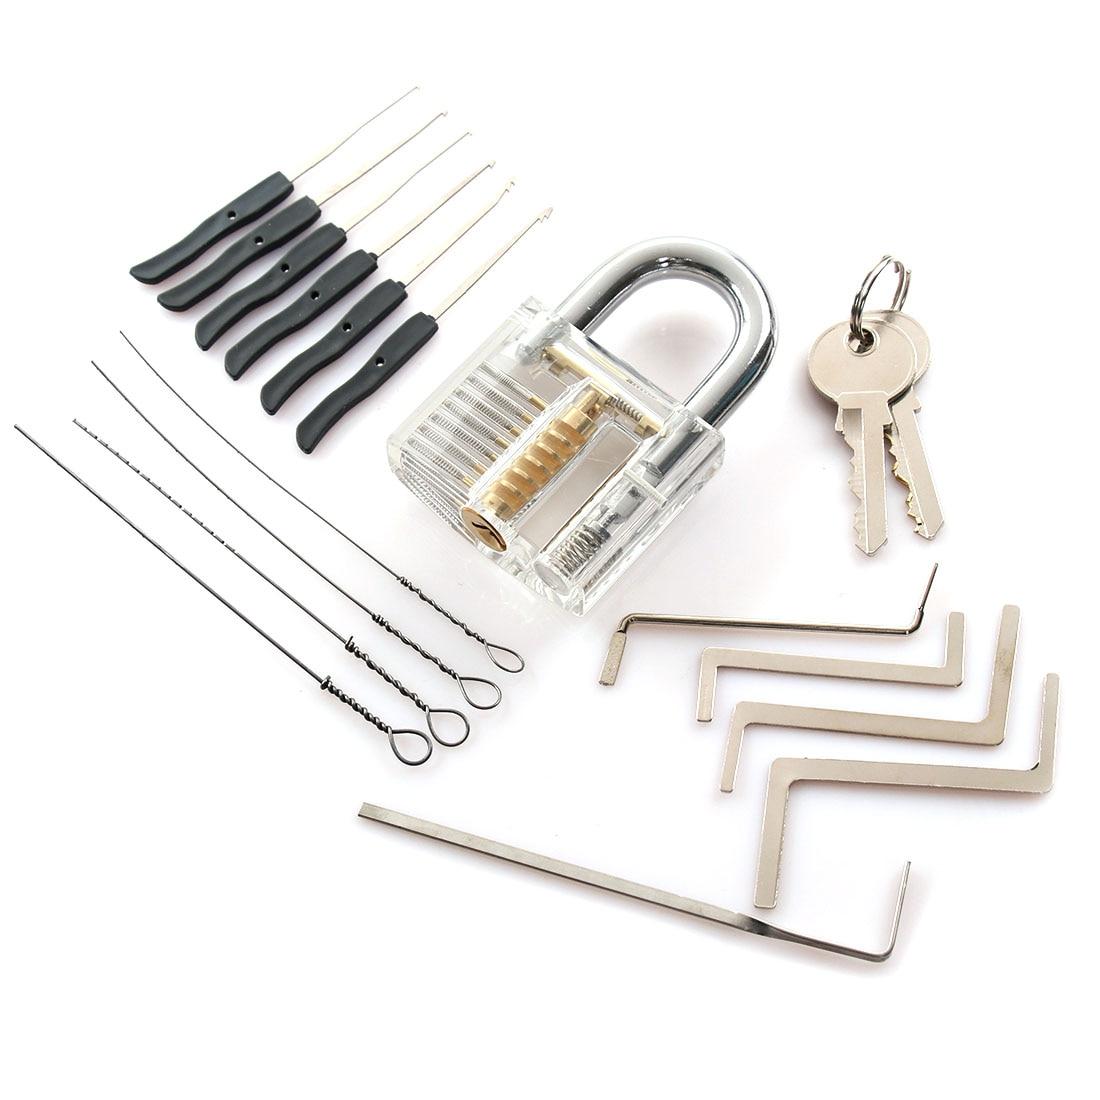 Cerrajero Herramientas kit cerradura transparente 5 unids cerrajero Llaves inglesas Herramientas 10 unids cerrajero broken key extractor Herramientas 2 llaves